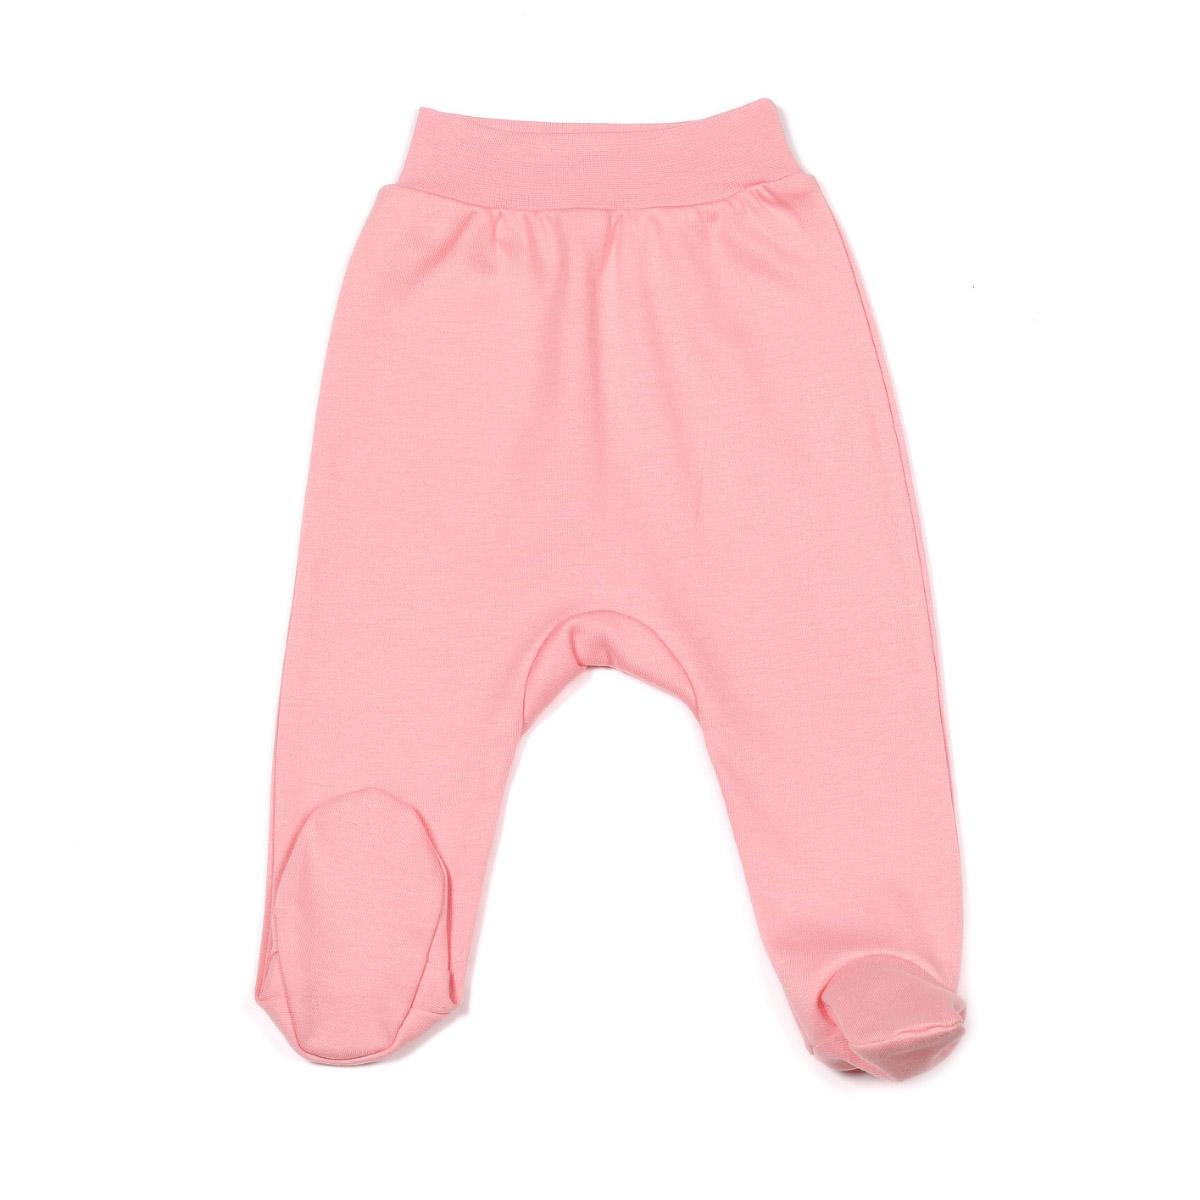 Ползунки с ножками Ёмаё Венеция (26-247) рост 56 розовый<br>